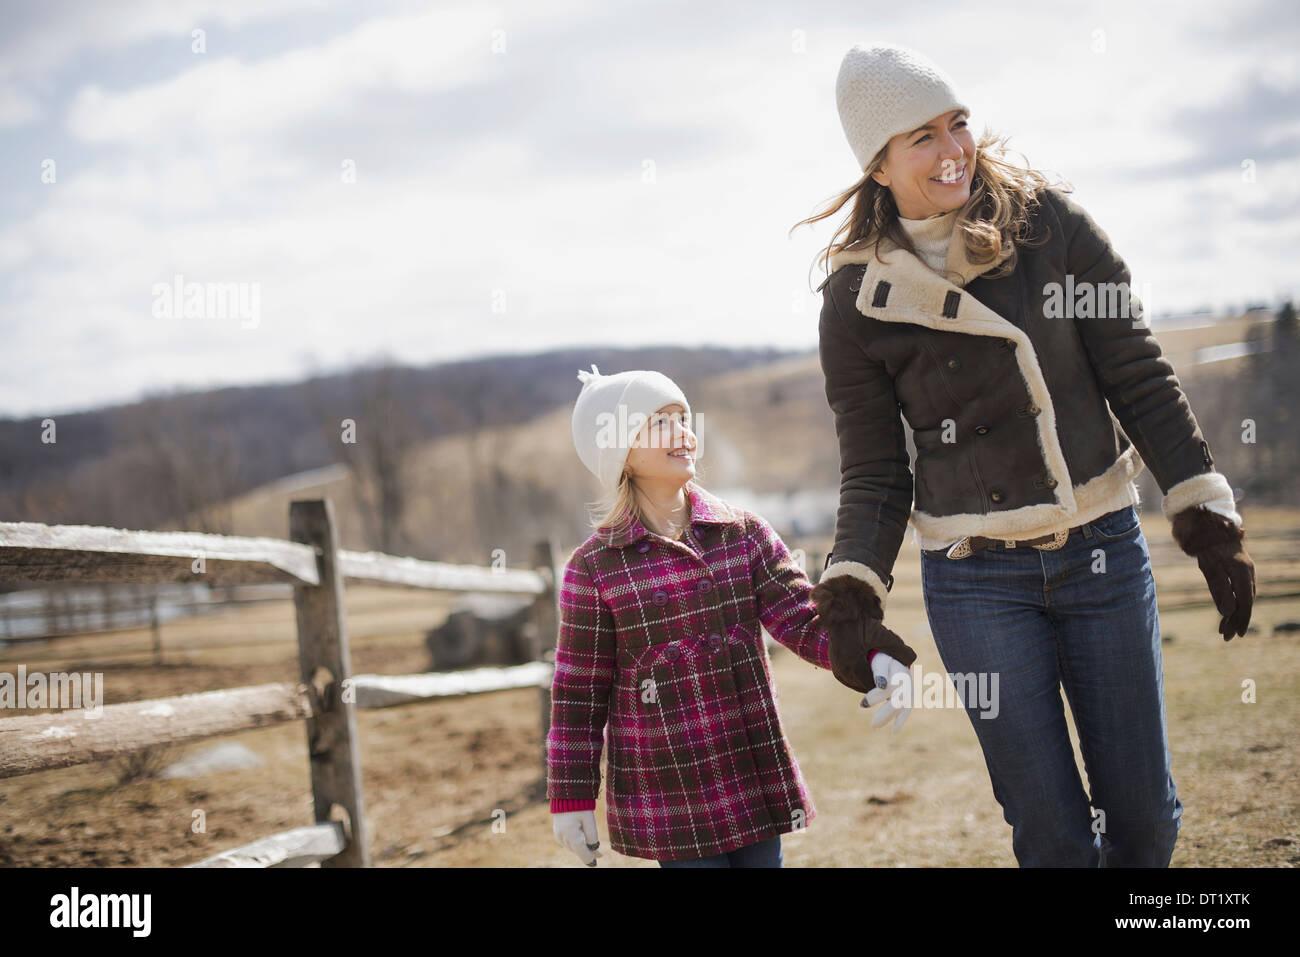 Una donna e bambino a piedi lungo un percorso mano nella mano su una fattoria in primavera meteo Immagini Stock